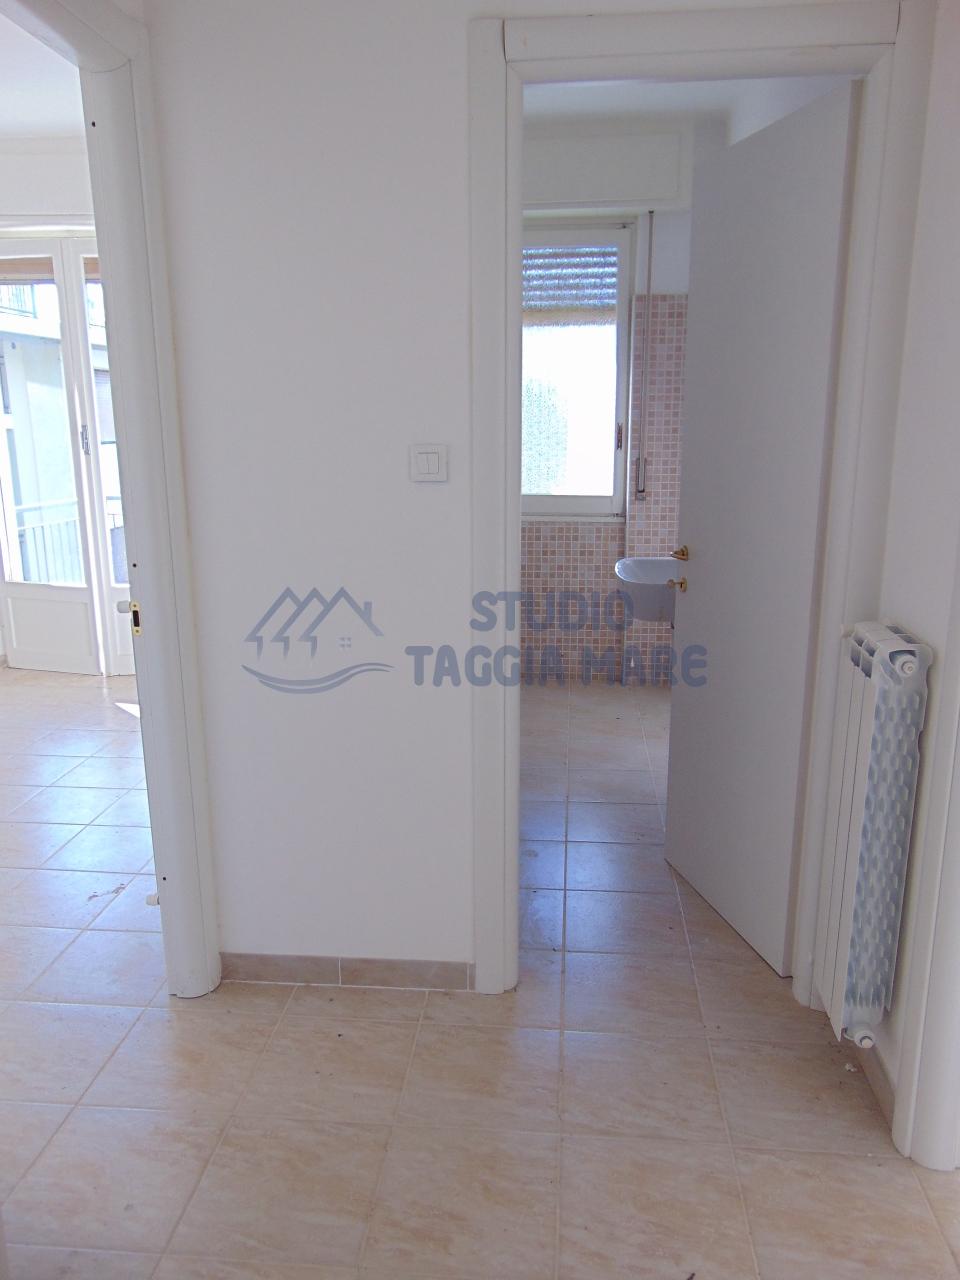 Bilocale Taggia Via Stazione 2